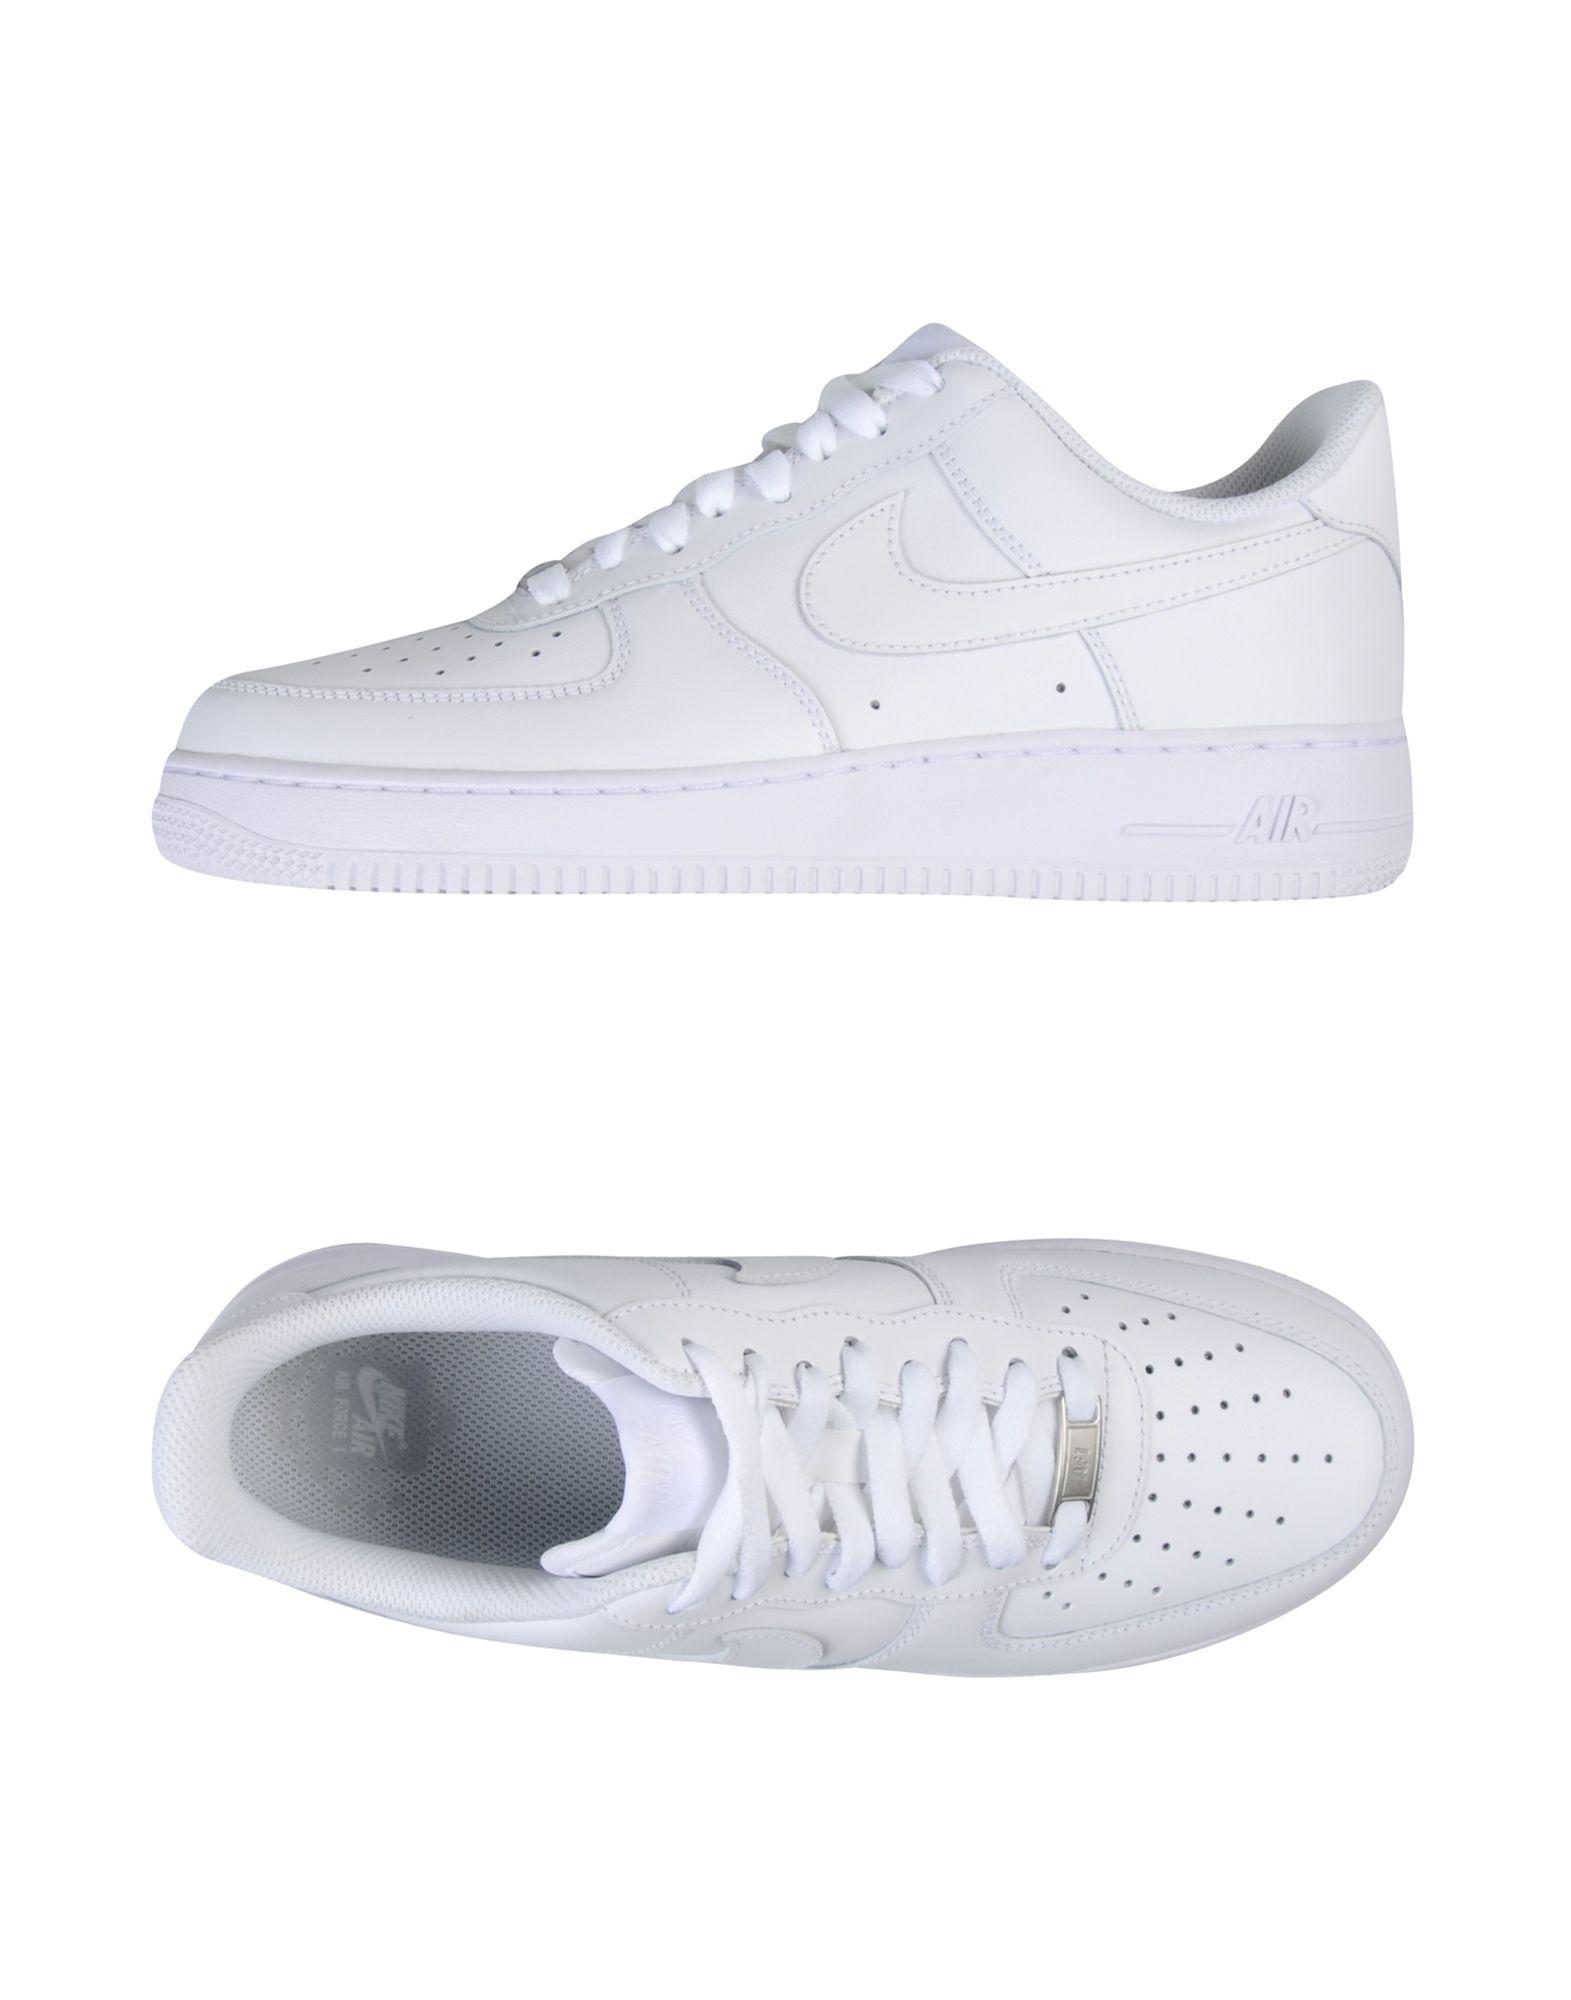 Nike Air Force Preis-Leistungs-Verhältnis, 1 07 Gutes Preis-Leistungs-Verhältnis, Force es lohnt sich 95fc06